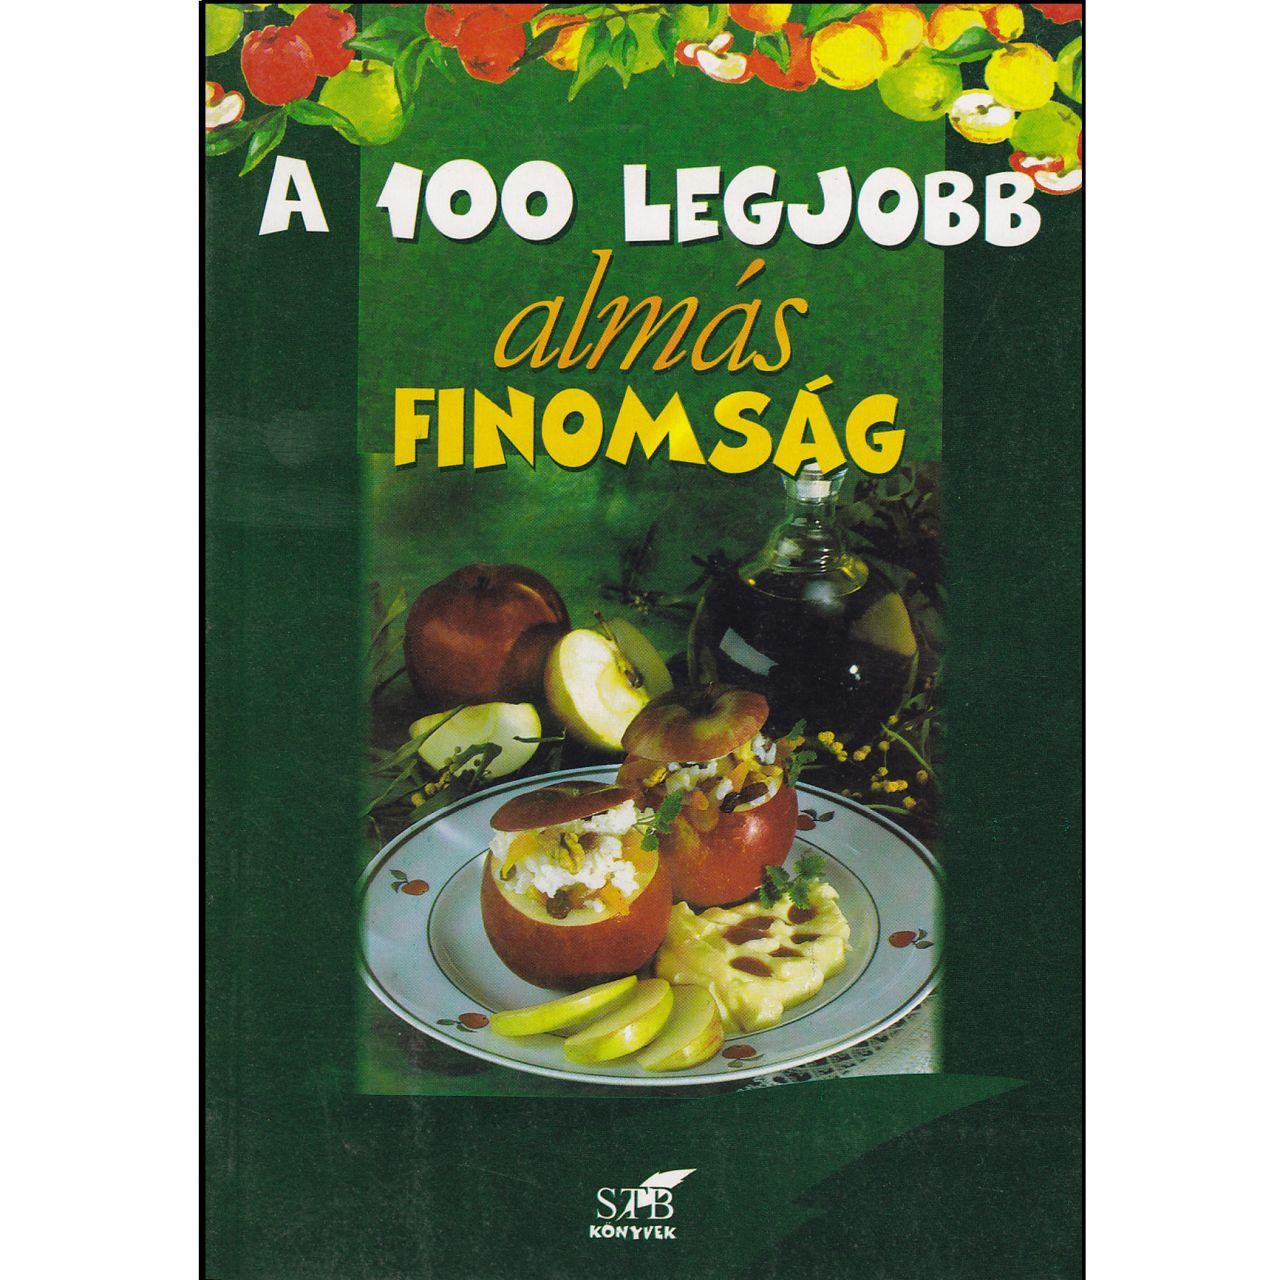 A 100 legjobb almás finomság (könyv)